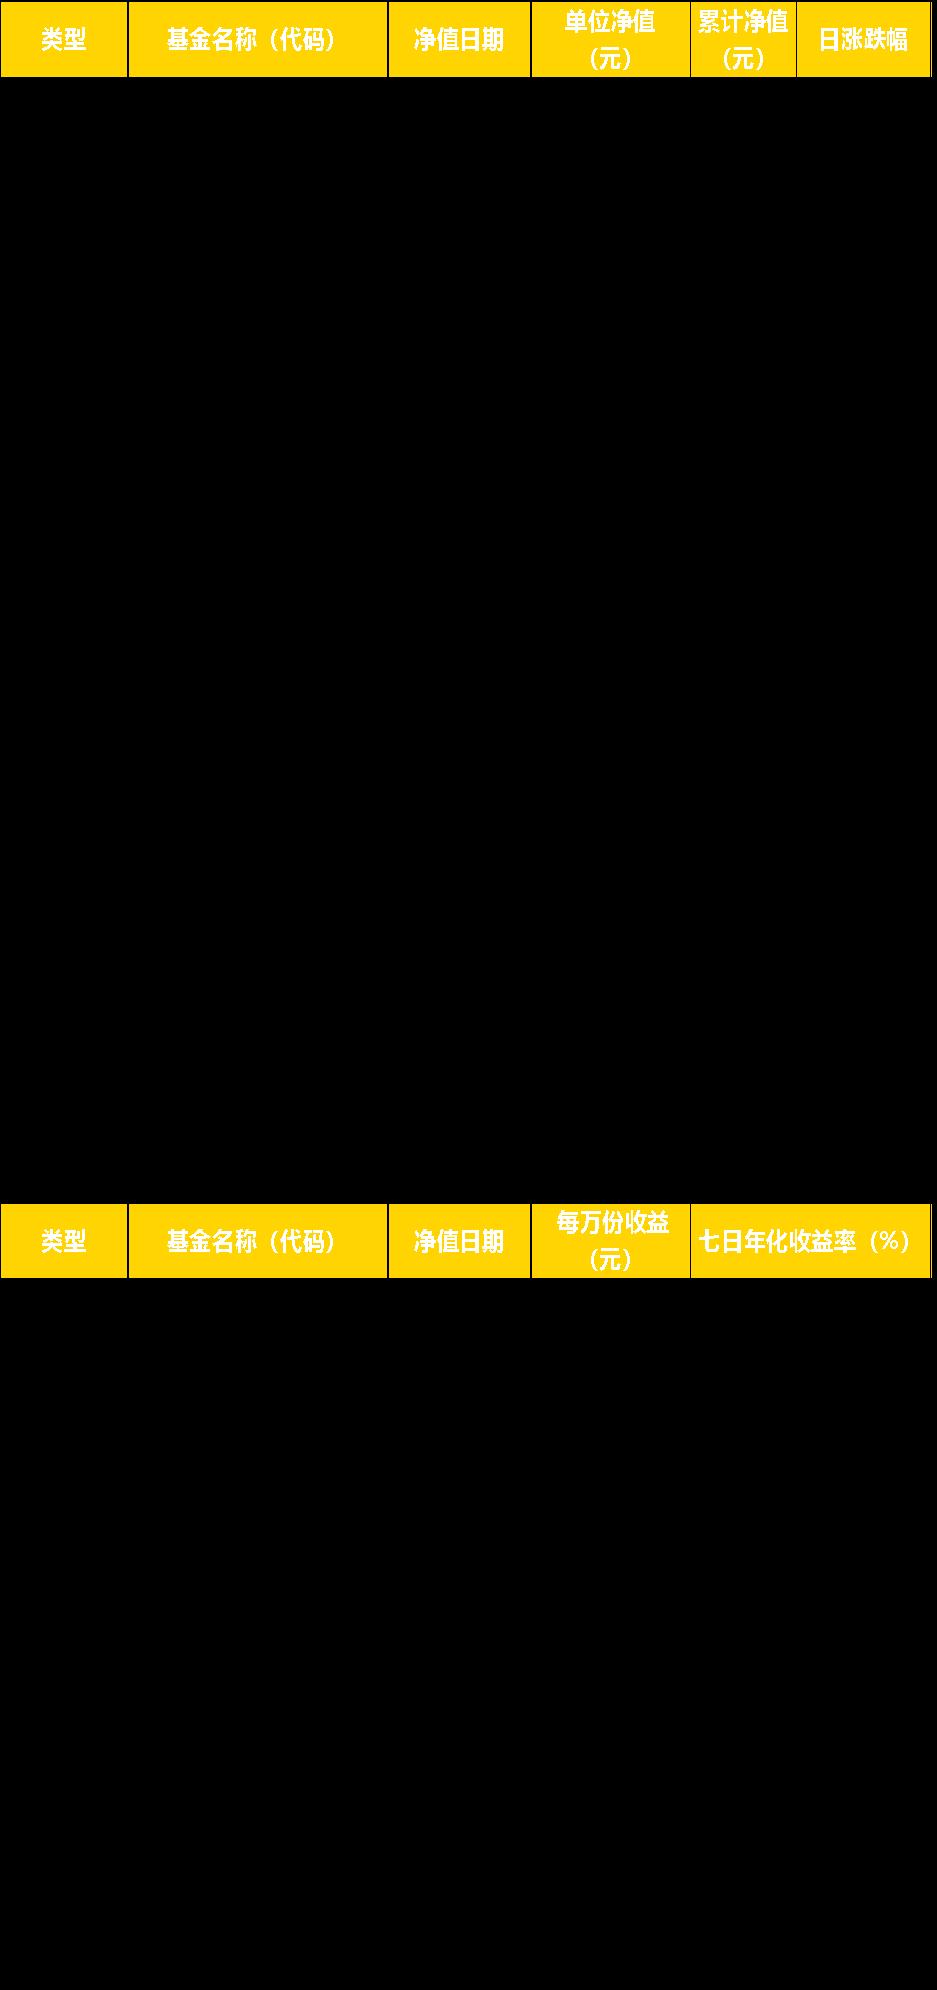 兴•料 | 固态电池技术引关注!